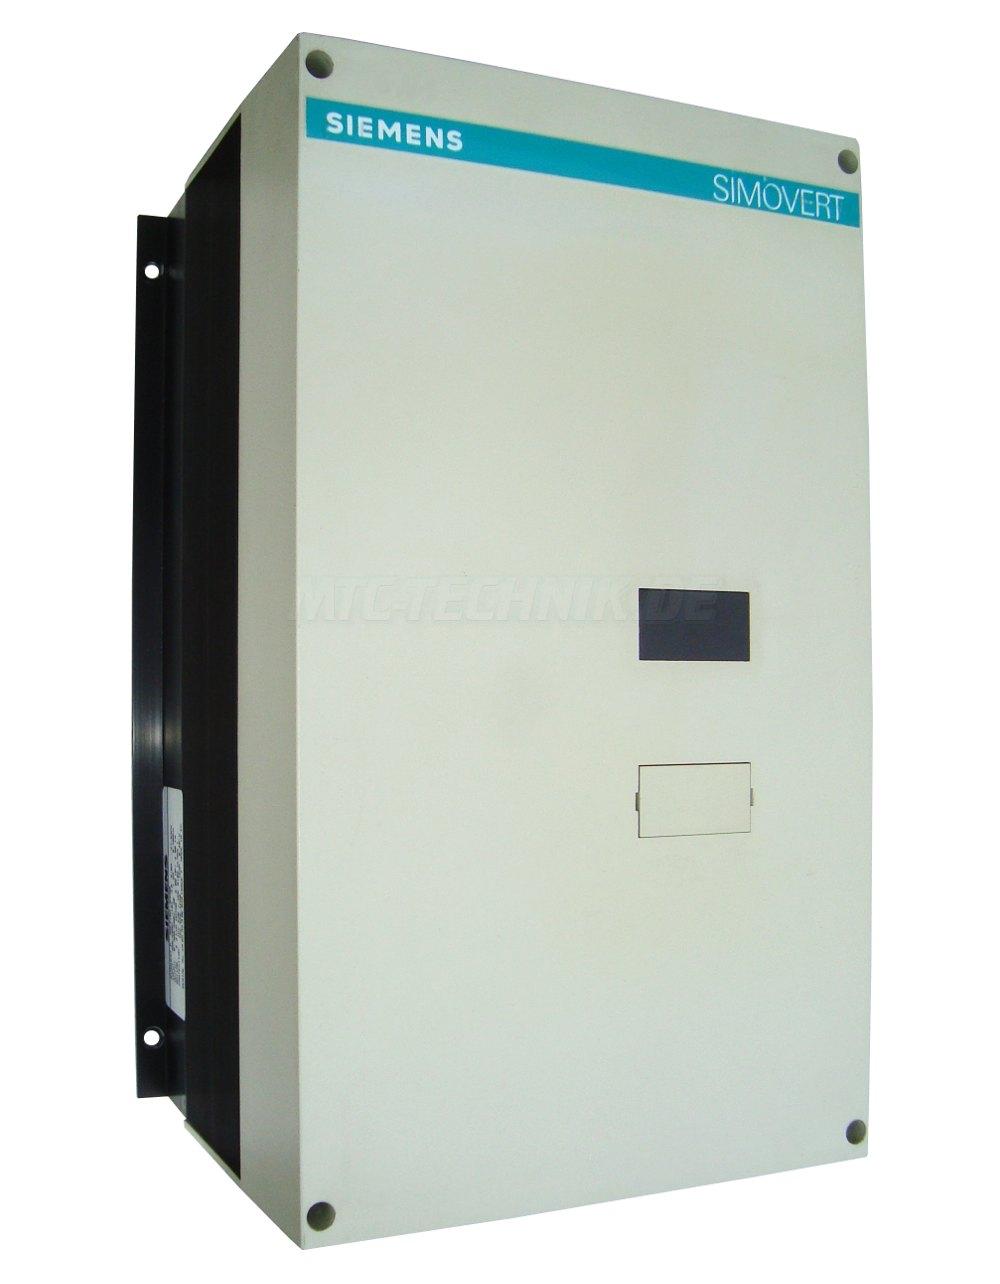 1 Frequenzumrichter 6se2105-3aa00 Simovert-p Shop